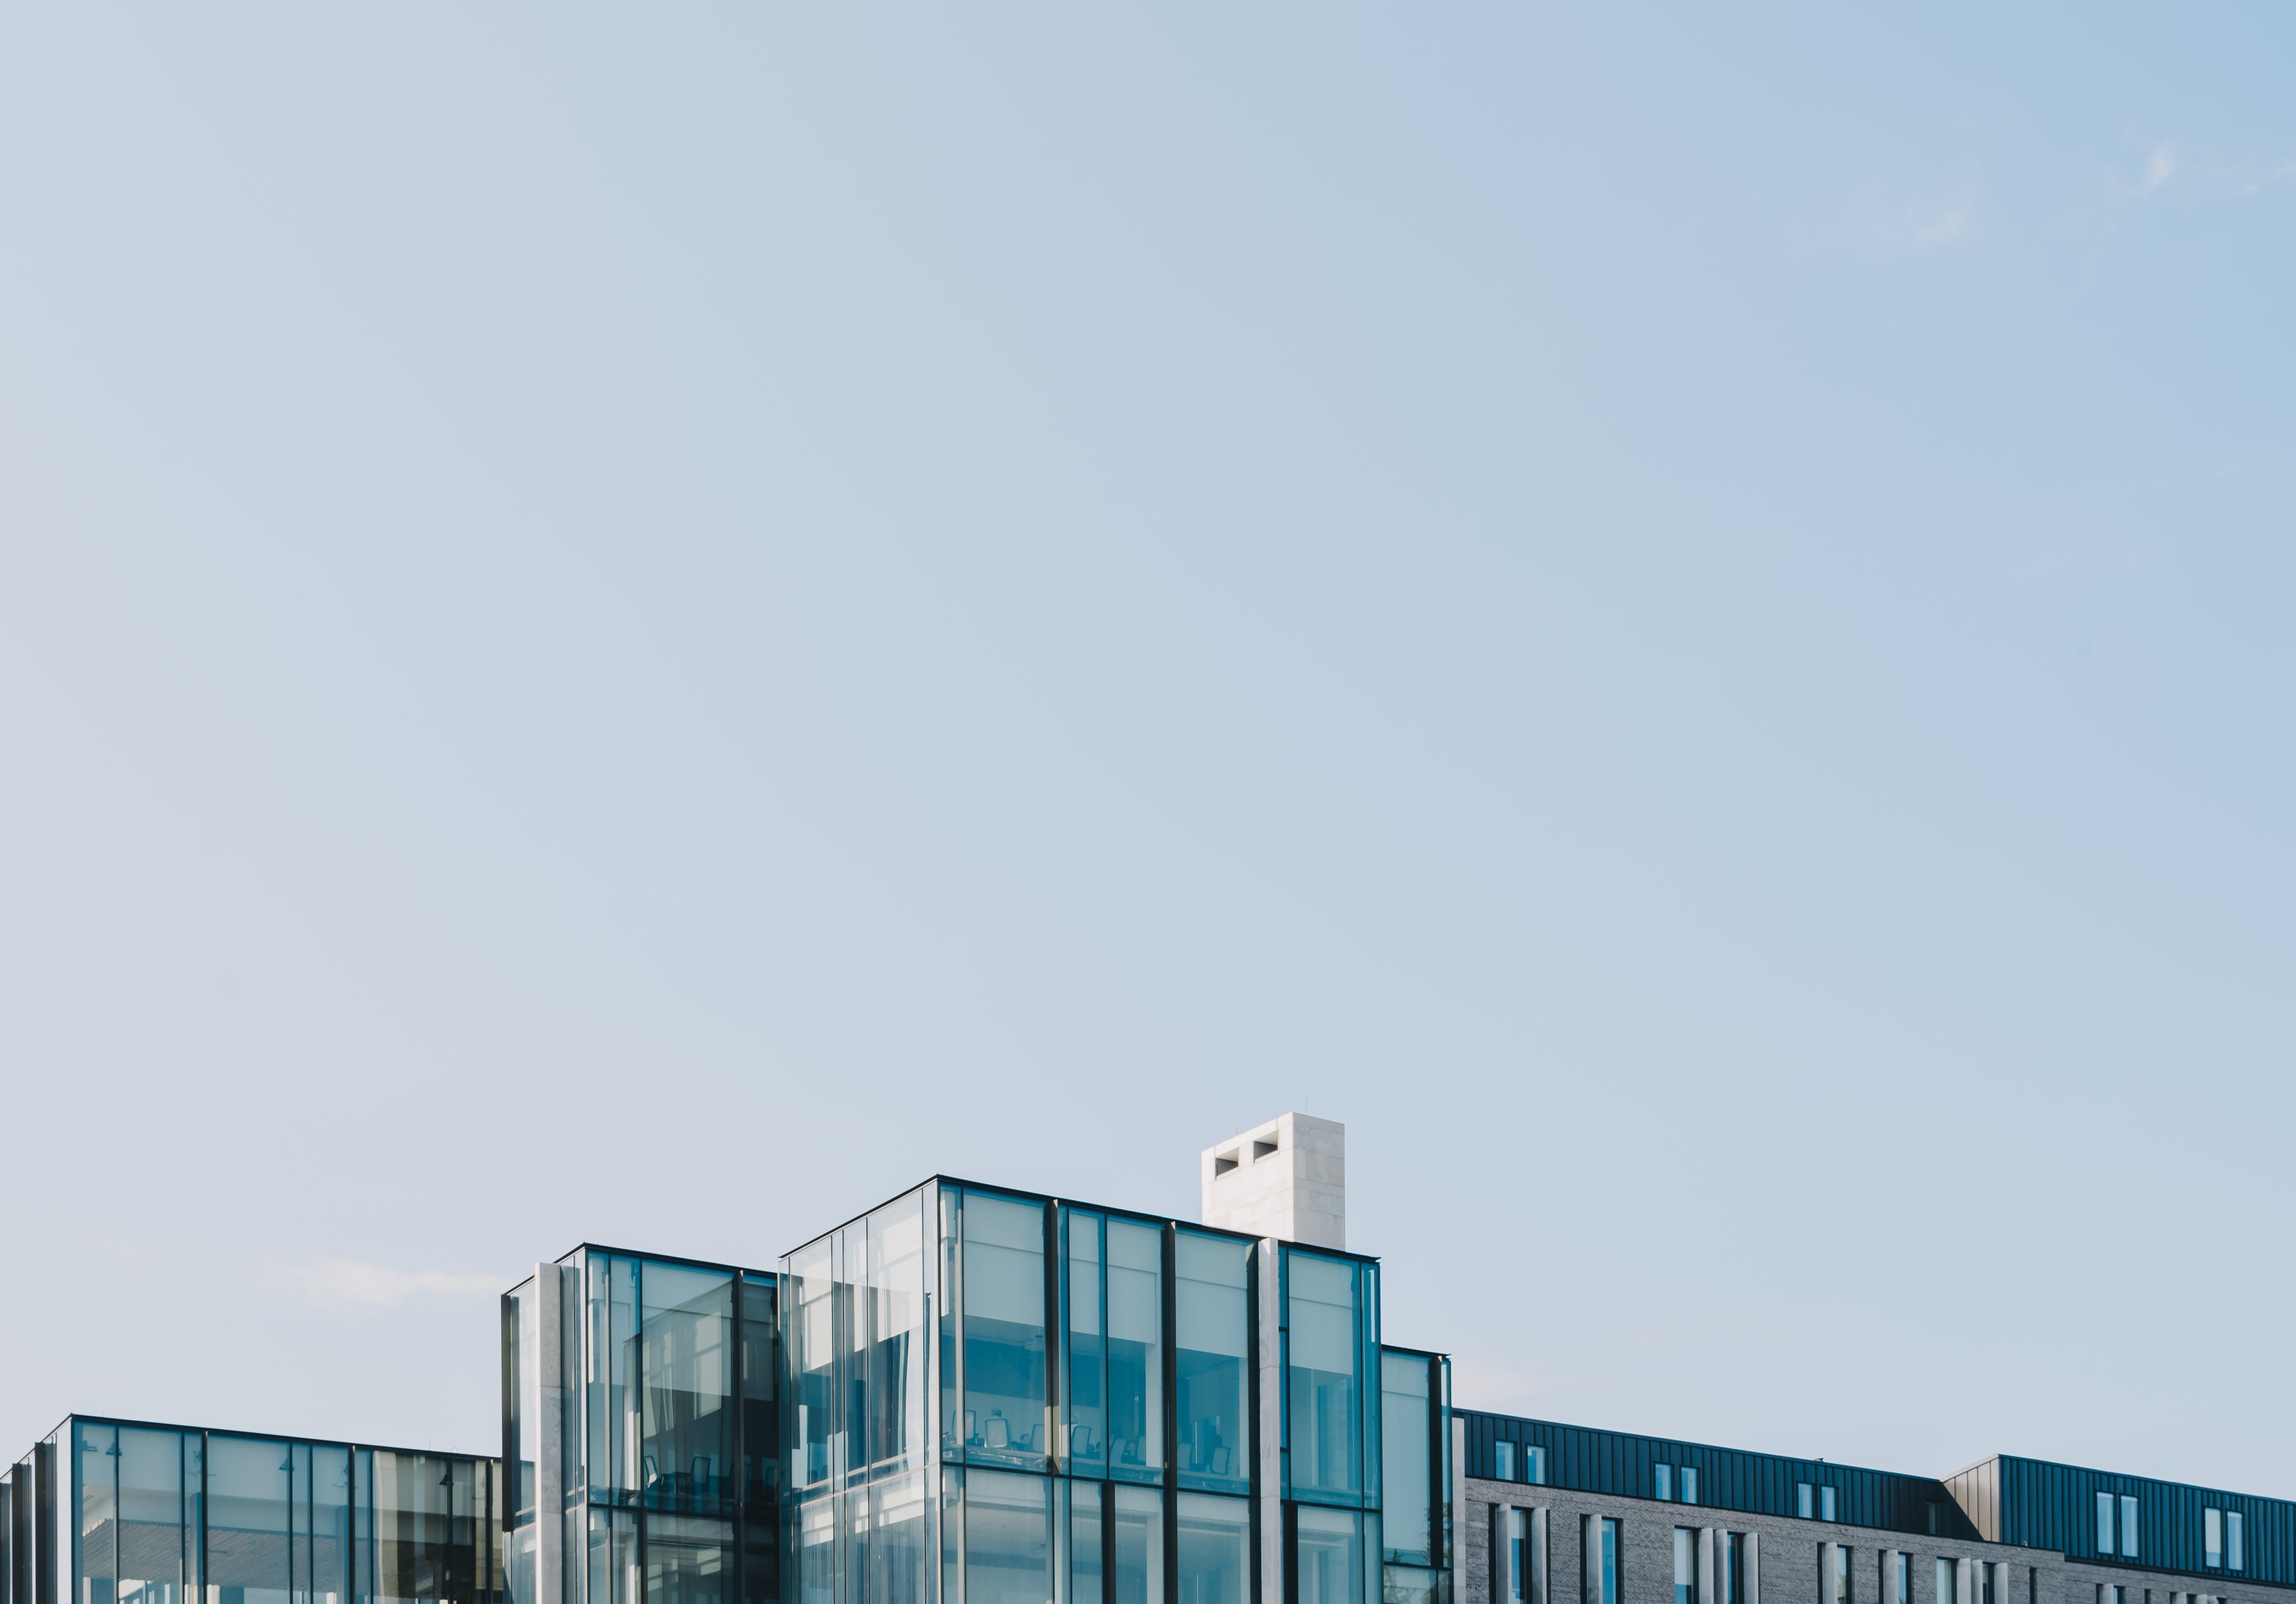 Kostenloses Stock Foto zu architektur, architekturdesign, blau, blauer himmel